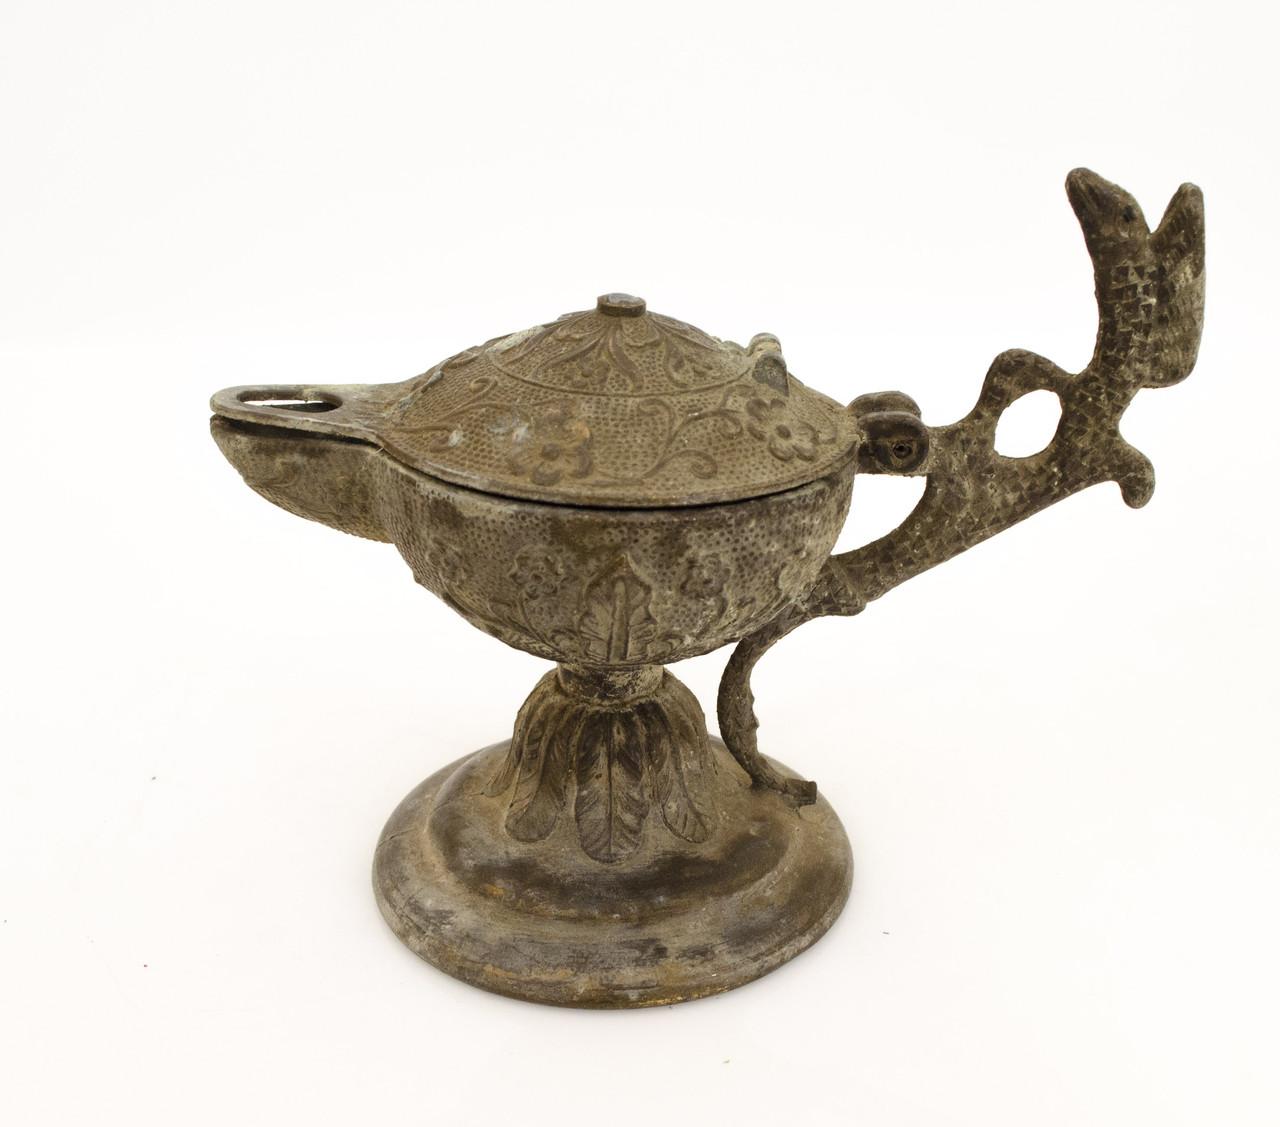 Старая масляная лампа, лампа алладина, бронзовая, бронза, Европа